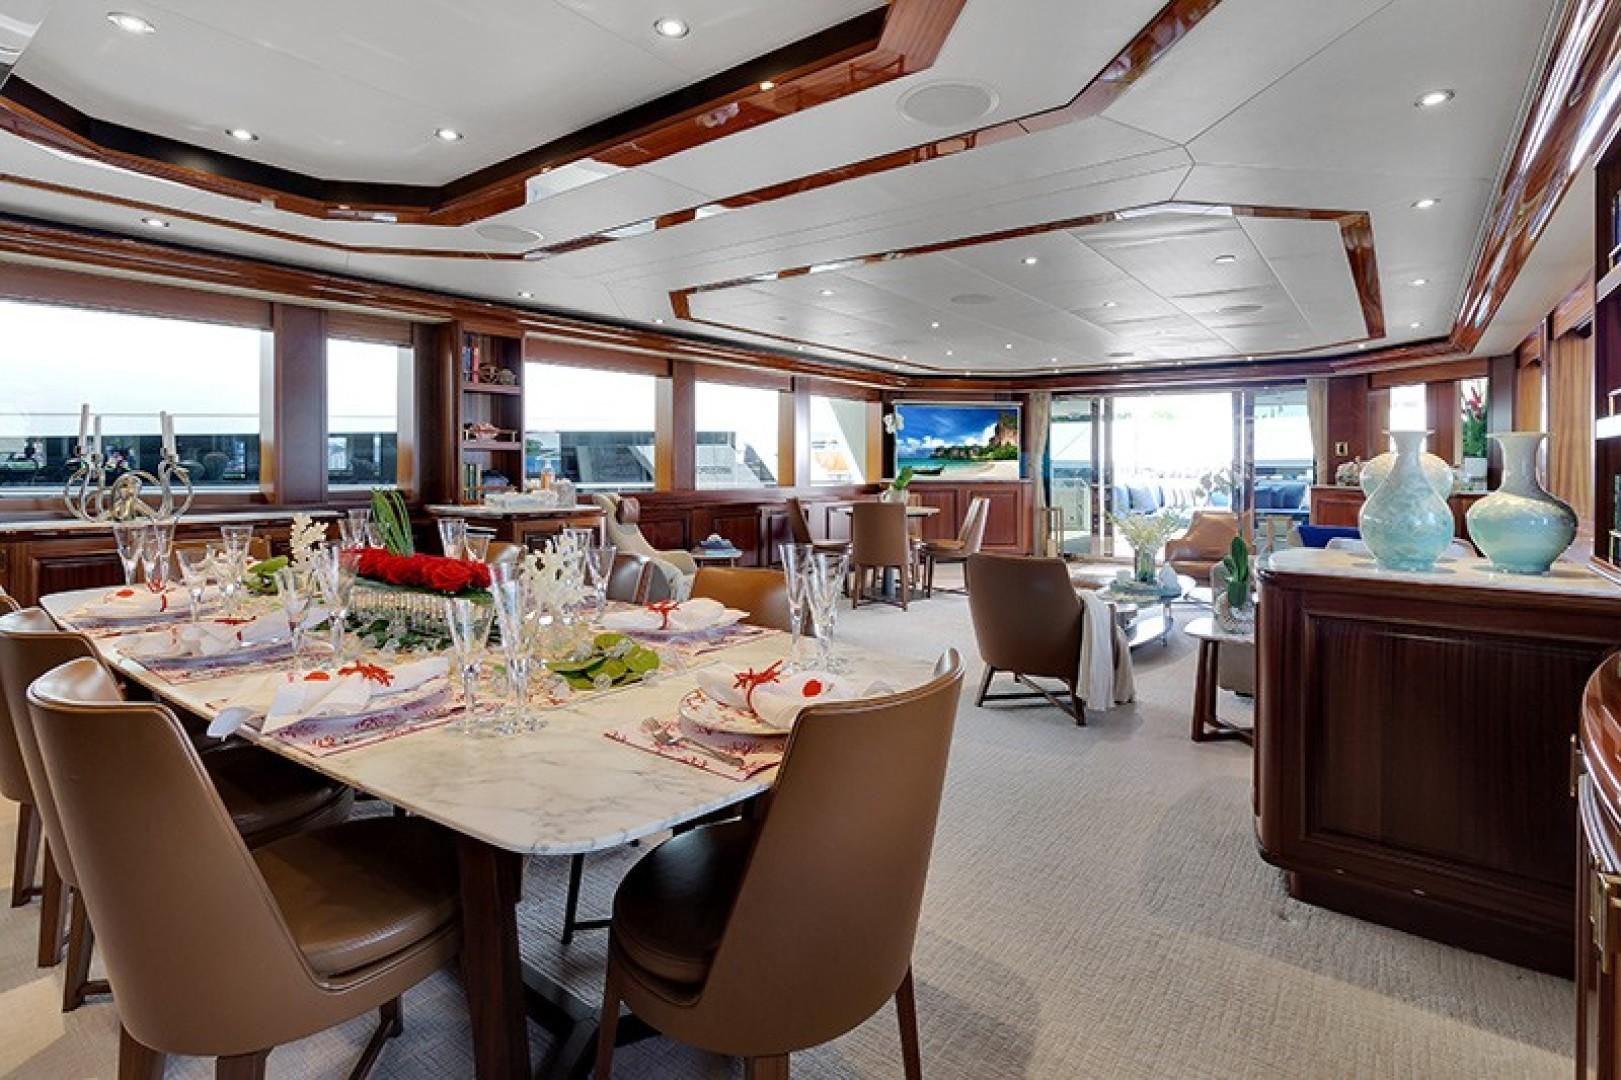 Westport-Westport 40 meter 2011-NINA LU Miami-Florida-United States-Dining Area-1644730 | Thumbnail